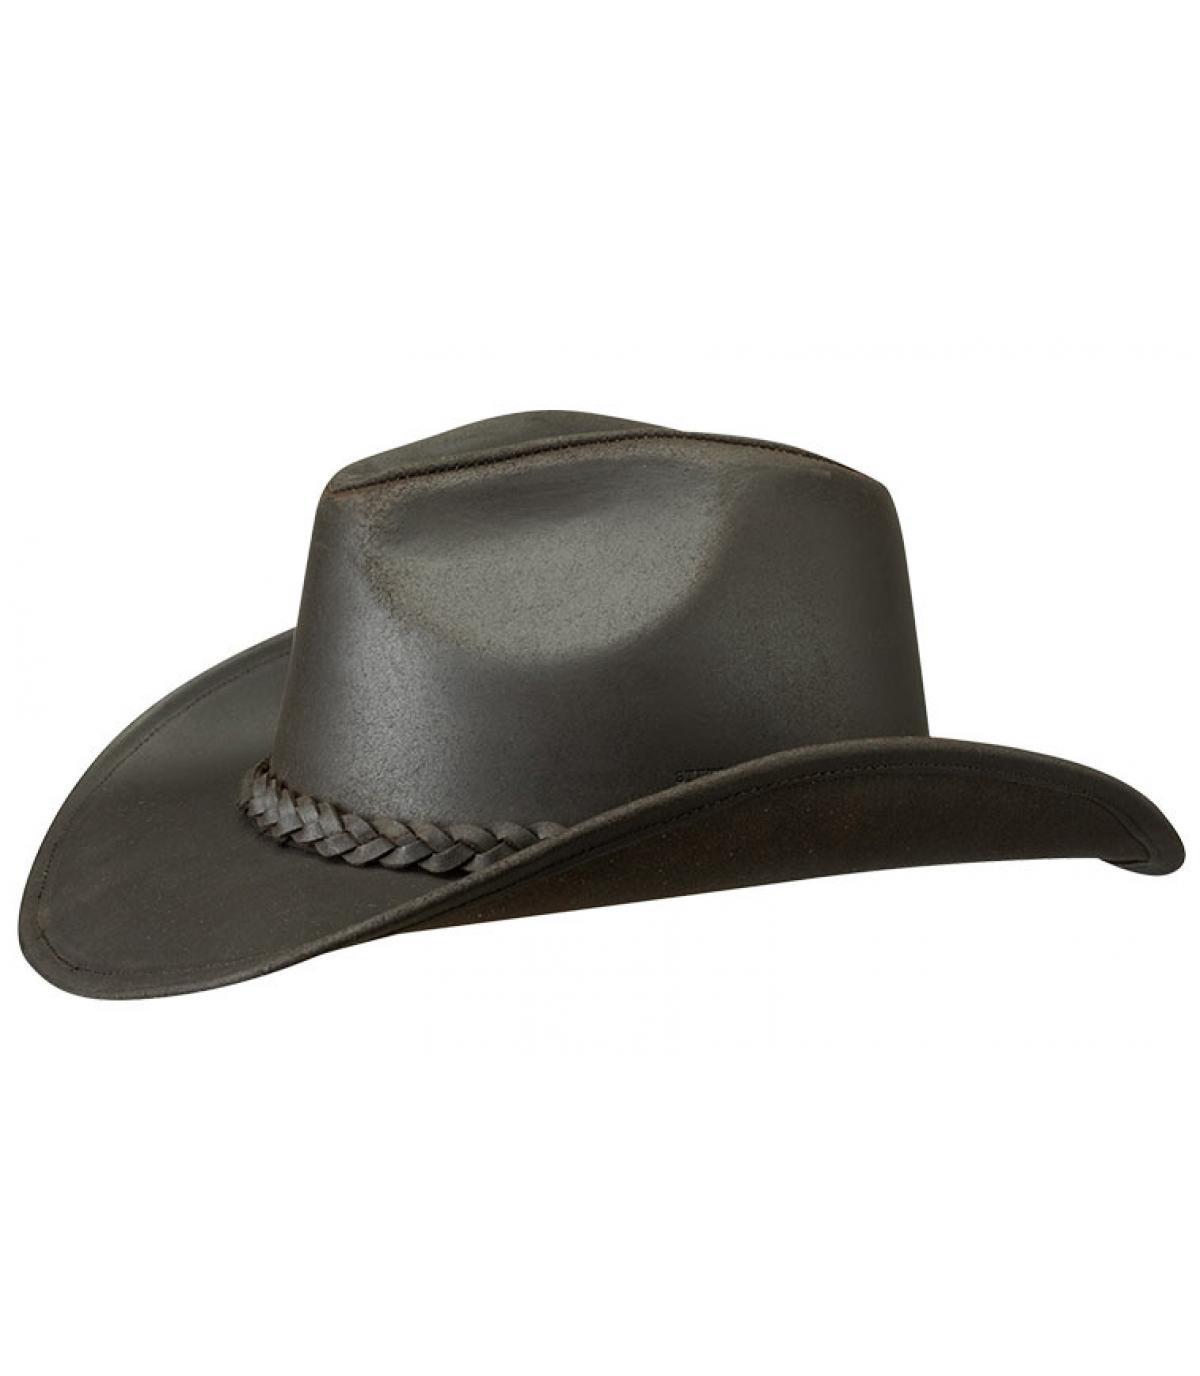 Mendota buffalo leather